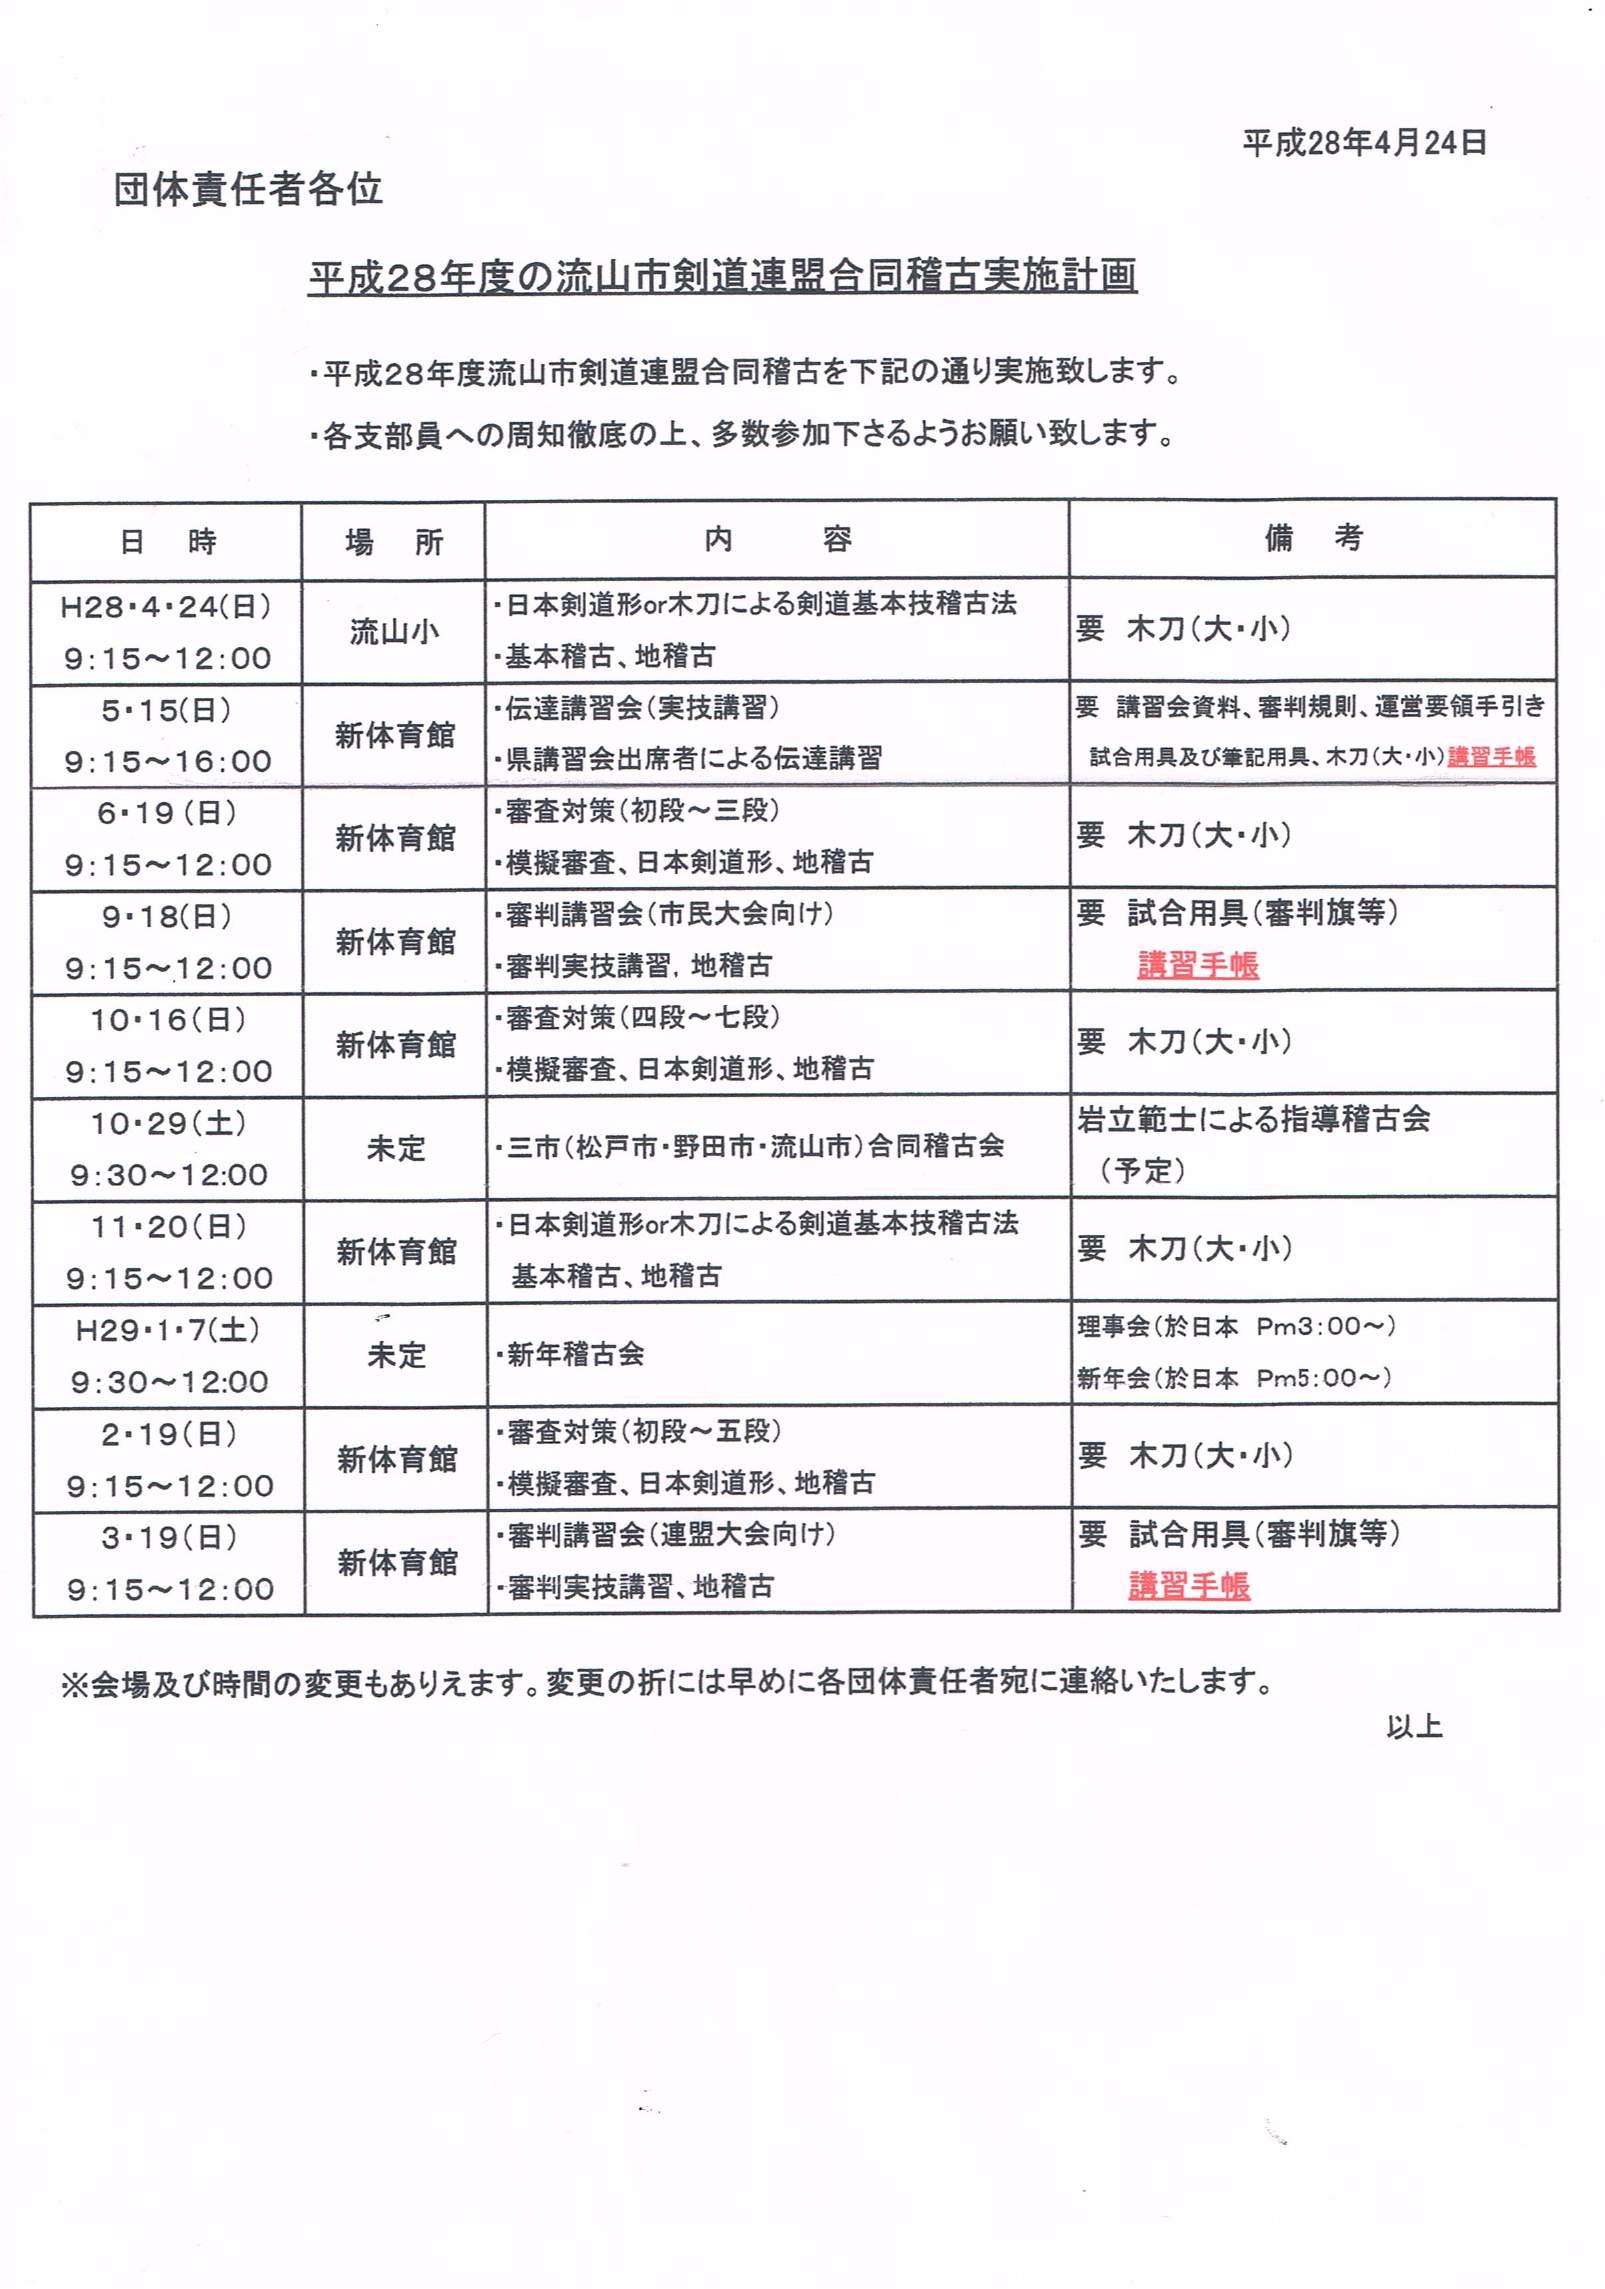 H28指導研究委員会_0001